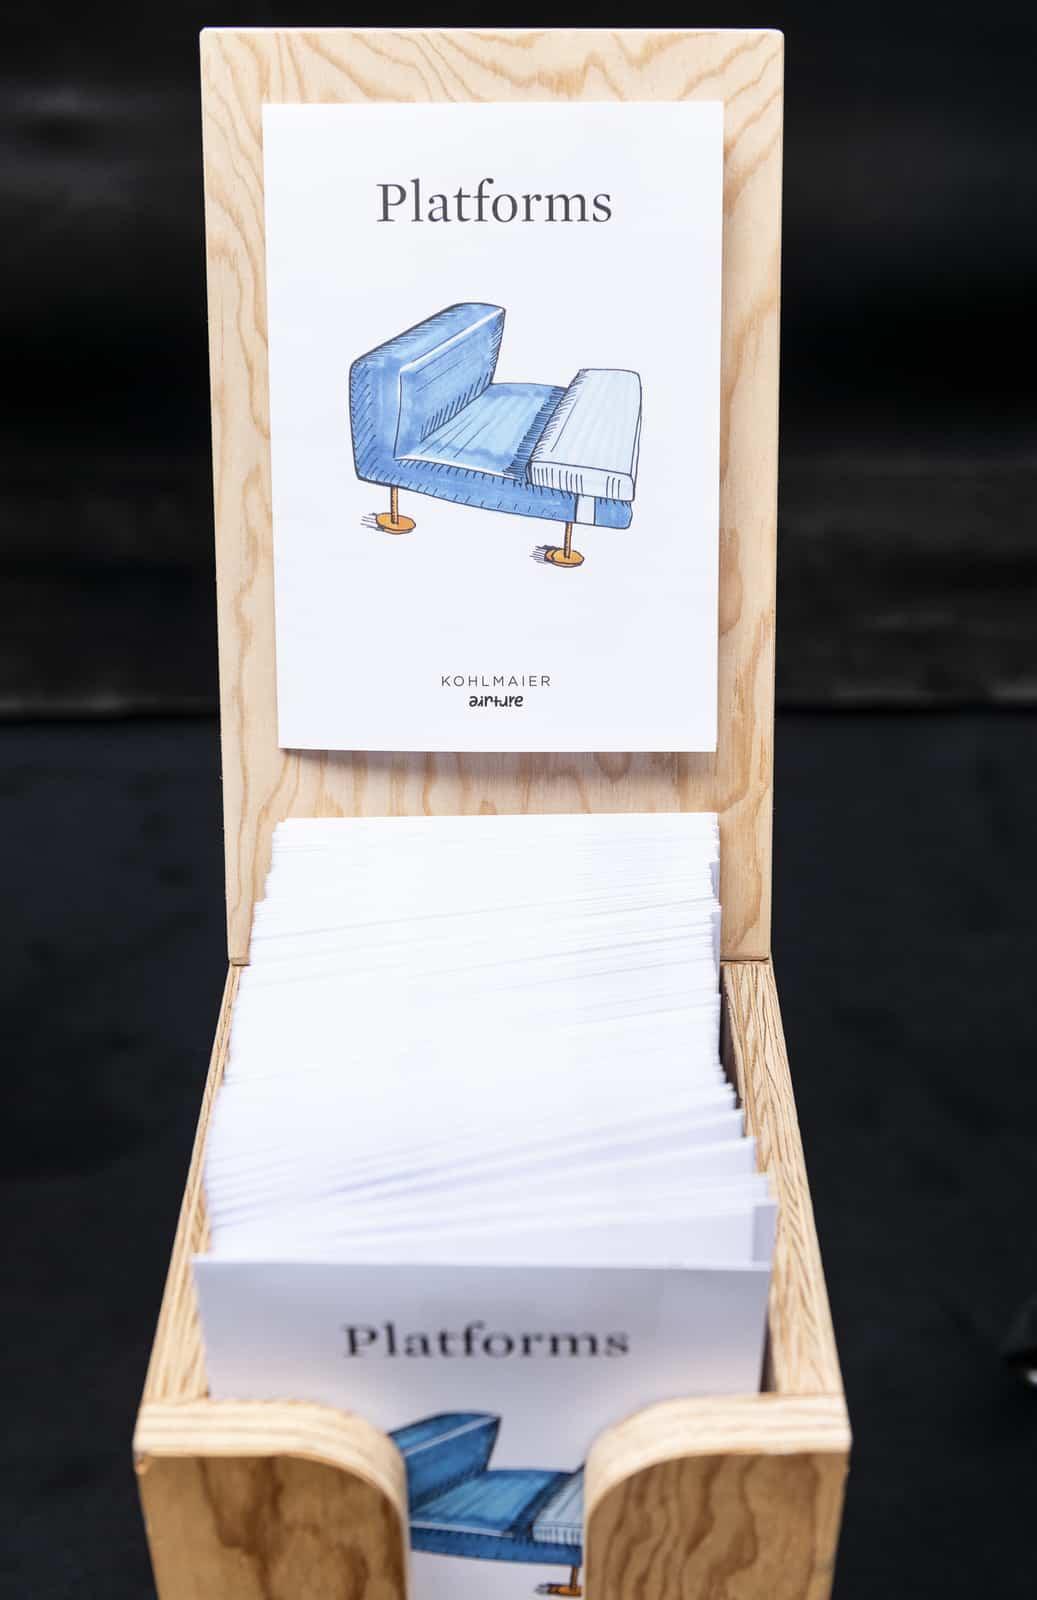 Kohlmaier - PLATFORMS FAUTEUILS – EIGENWILLIGE UND FREUNDLICHE BEGLEITER (Copyright VIENNA DESIGN WEEK - Phillip Podesser - Kollektiv Fischka, Vienna Design Week)